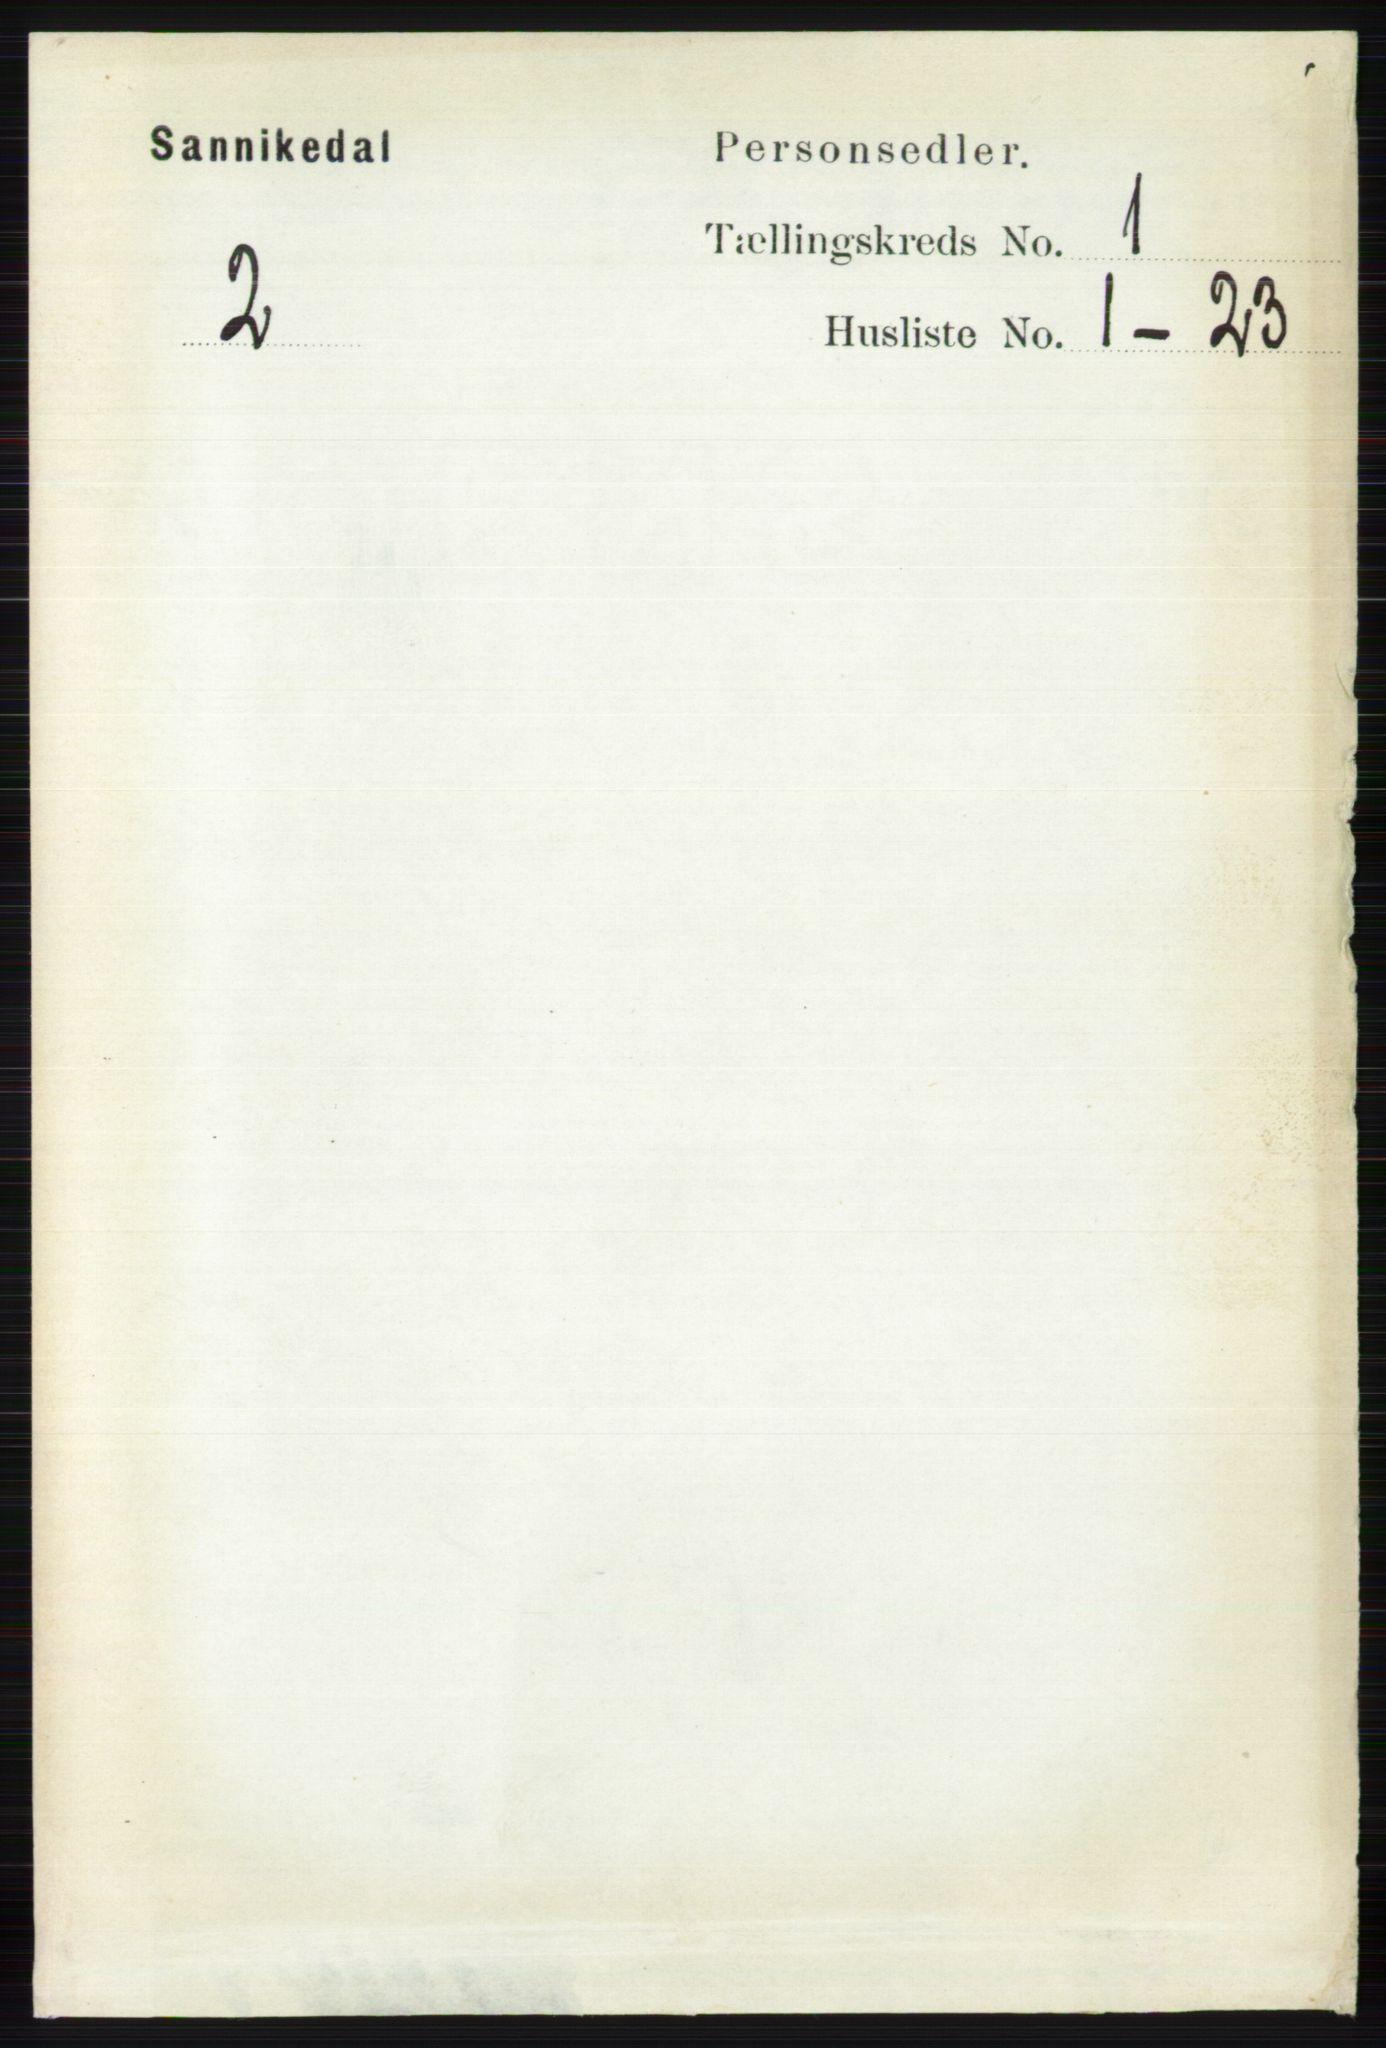 RA, Folketelling 1891 for 0816 Sannidal herred, 1891, s. 73